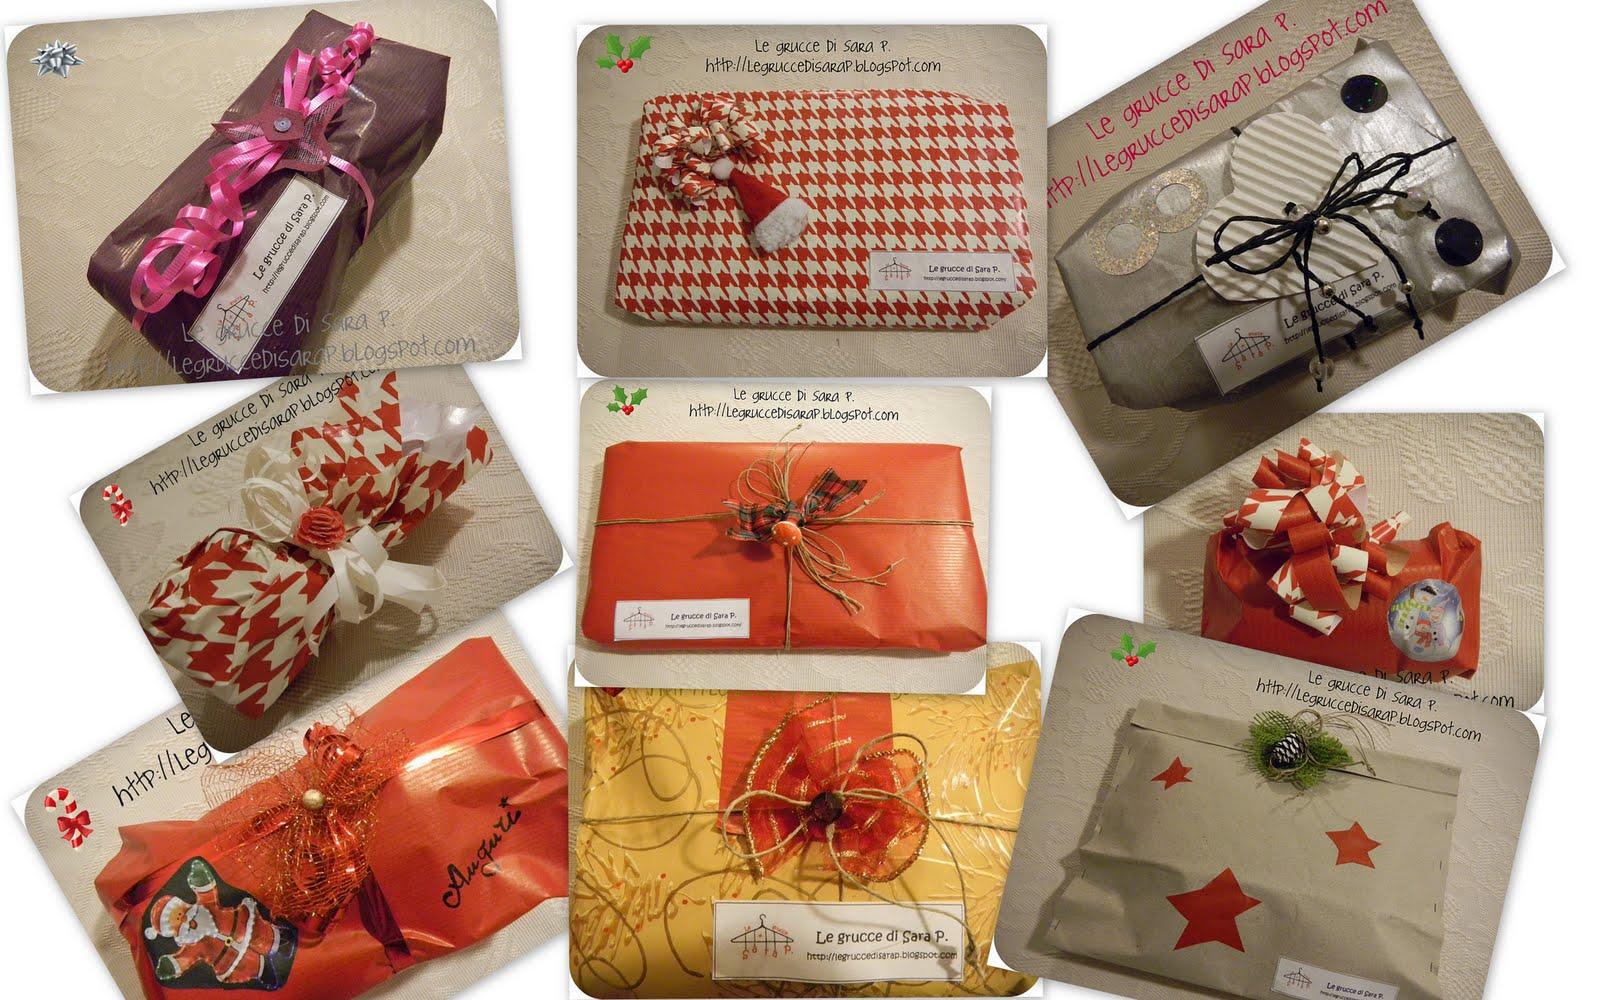 Favoloso Le grucce di Sara P.: Puzzle delle confezioni regalo per Natale 2011 LU99